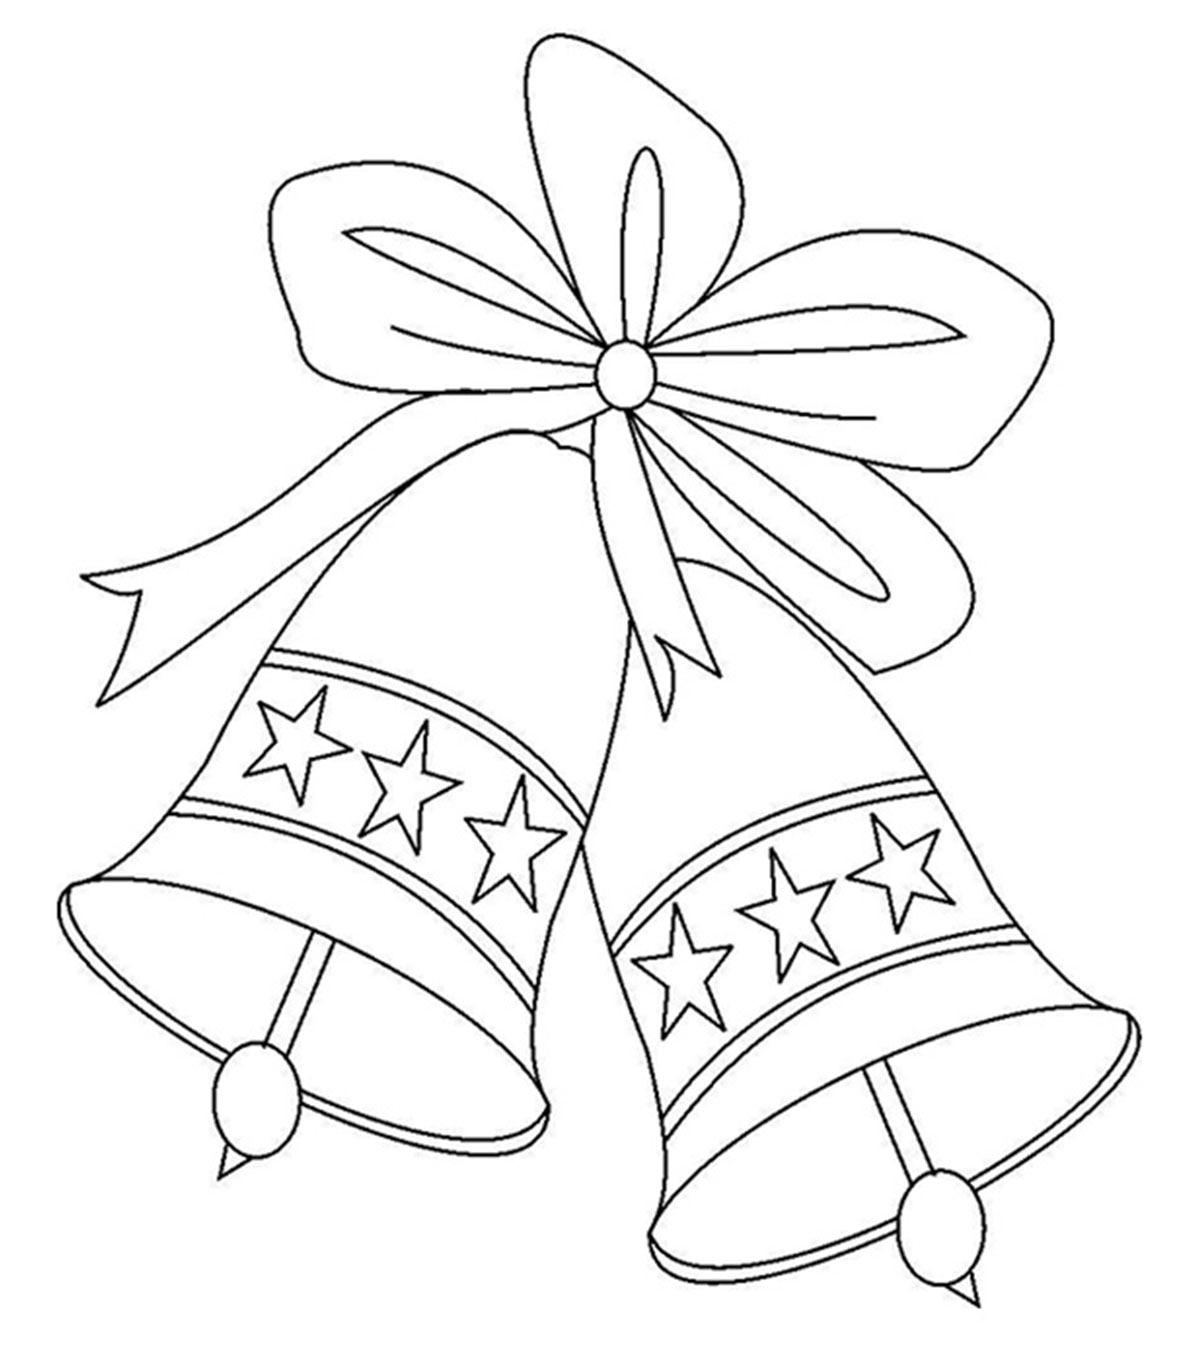 картинки раскраски колокольчики новогодние изготовления сегодняшней мегаполезной